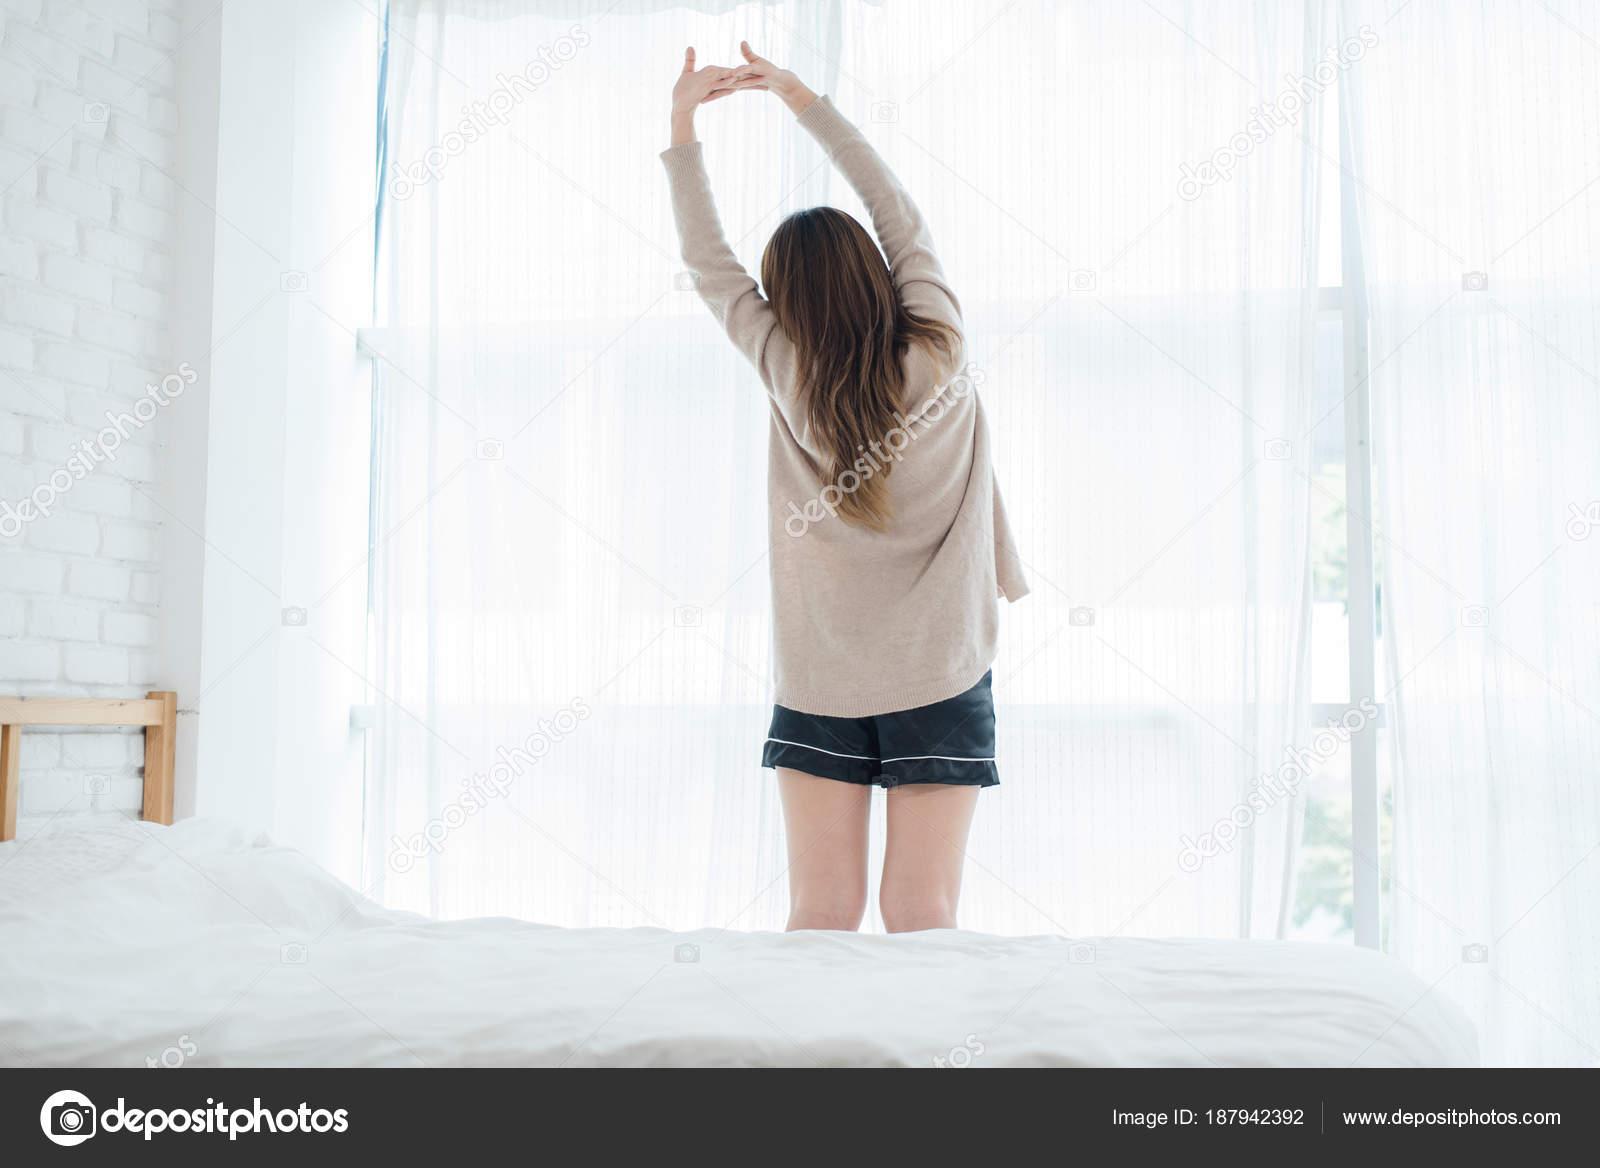 Morgens Ne Fenster Im Schlafzimmer | Ruckansicht Des Gerne Schone Junge Asiatische Frau Morgens Aufwachen